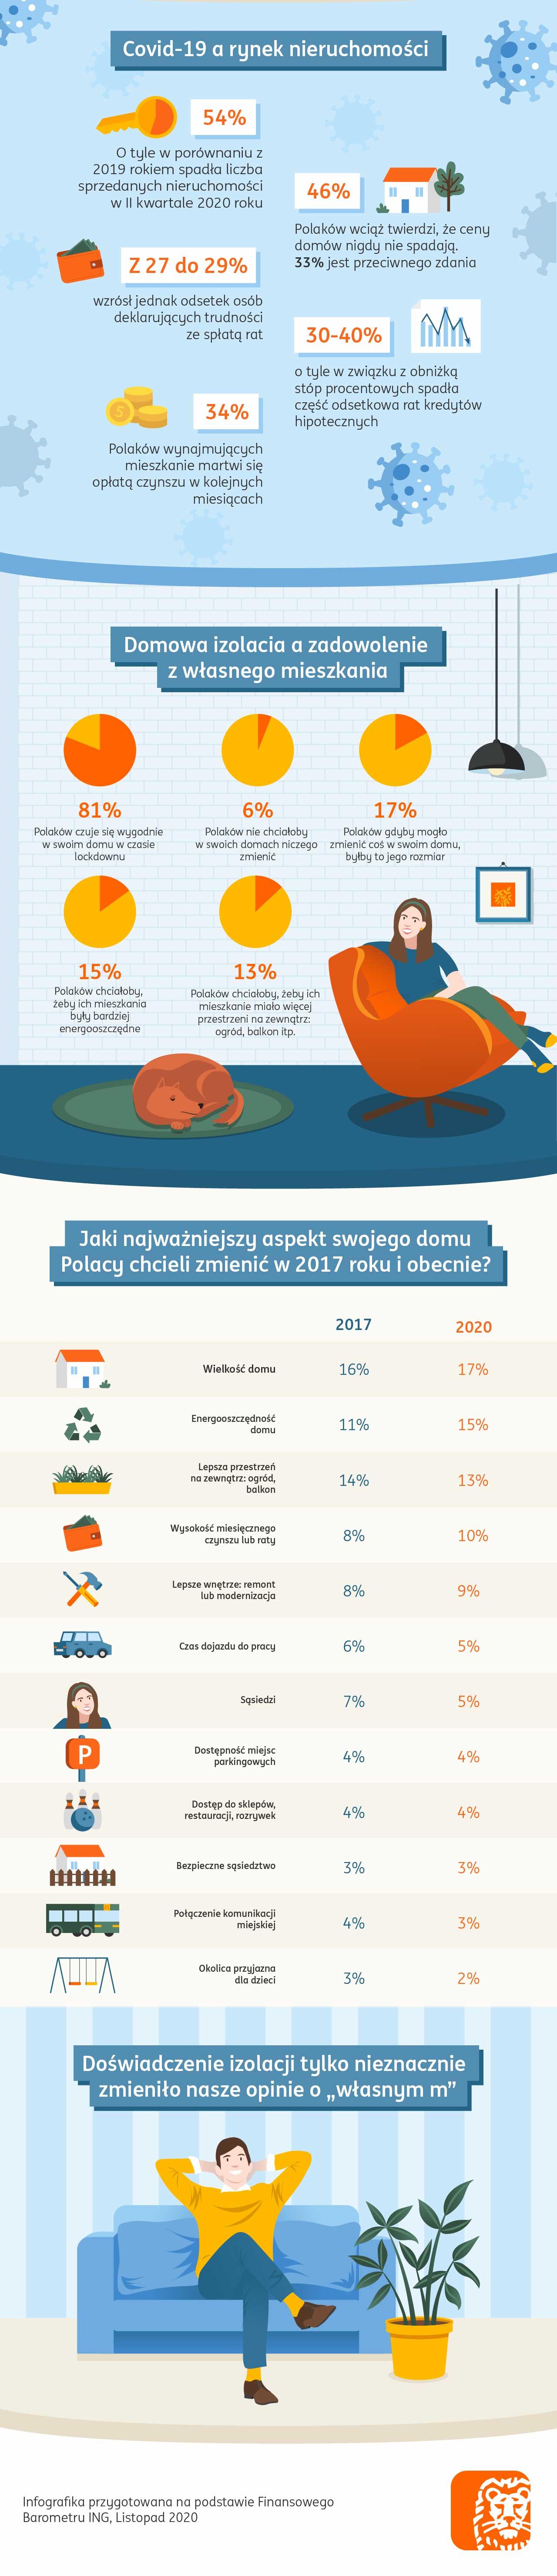 kkING - infografika - Sytuacja mieszkaniowa Polakow.jpg